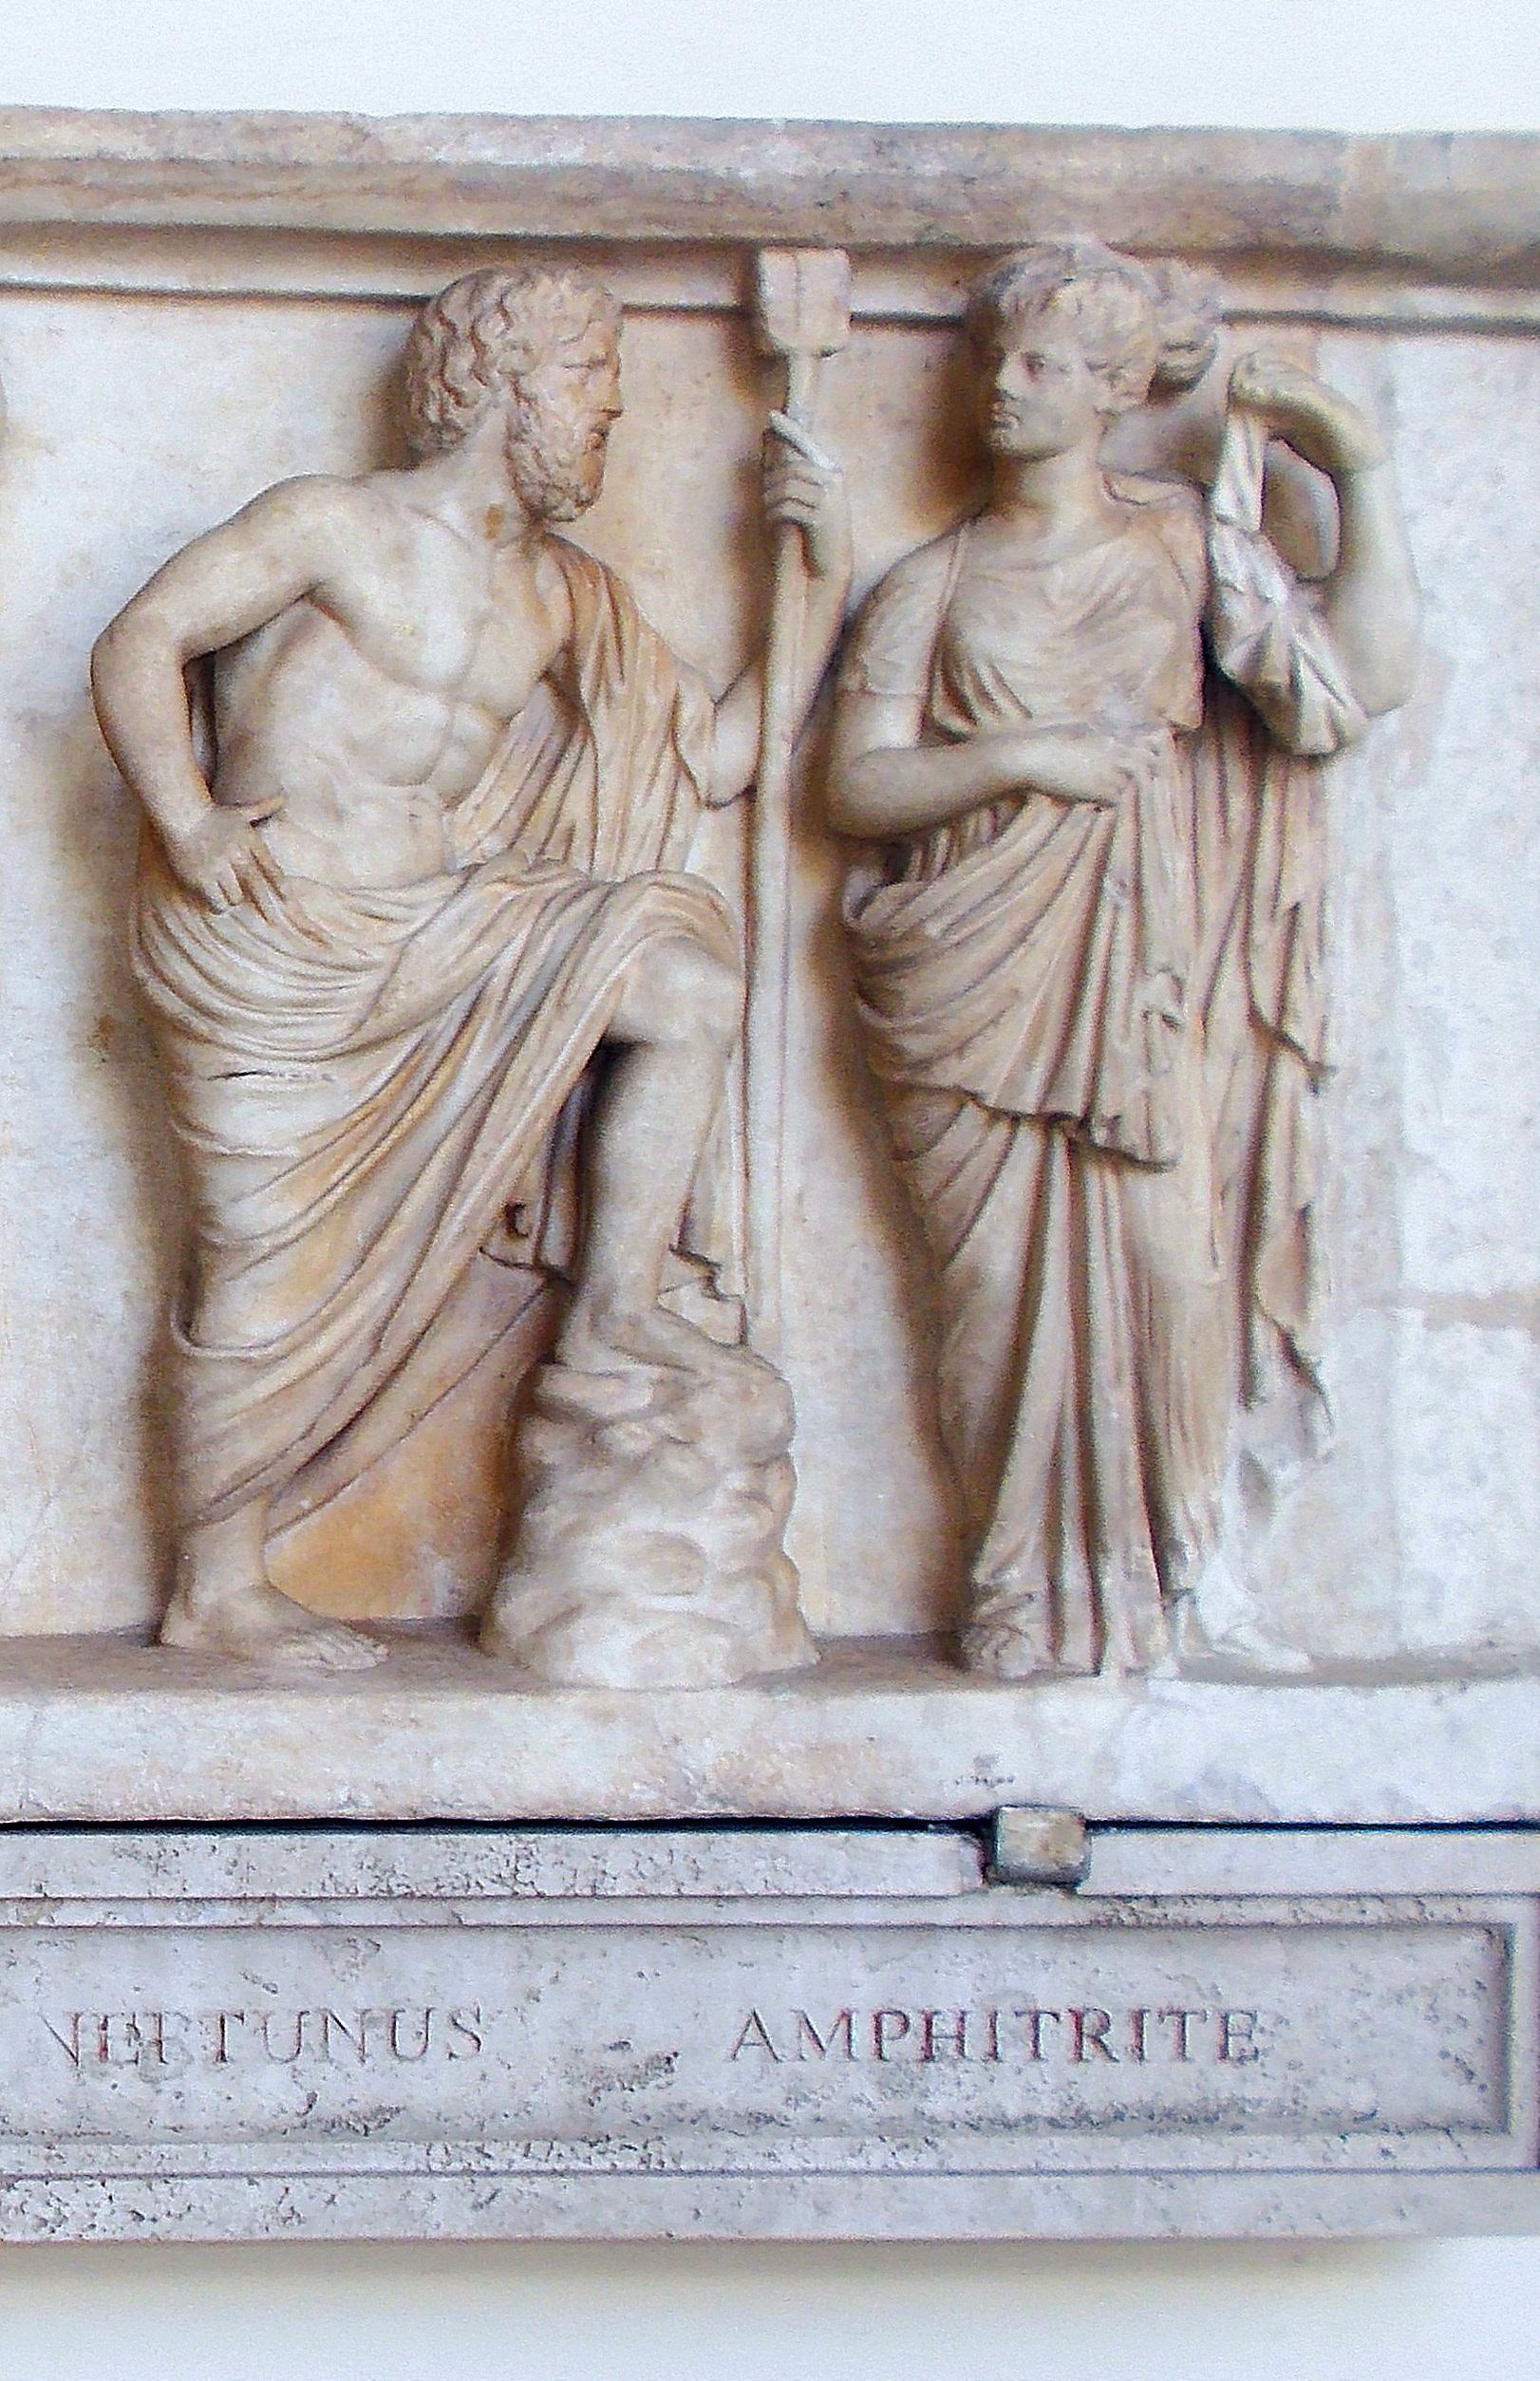 Rilievo con Nettuno e Anfitrite, Museo Nazionale Romano di Palazzo Altemps, Roma (di A. Patti).